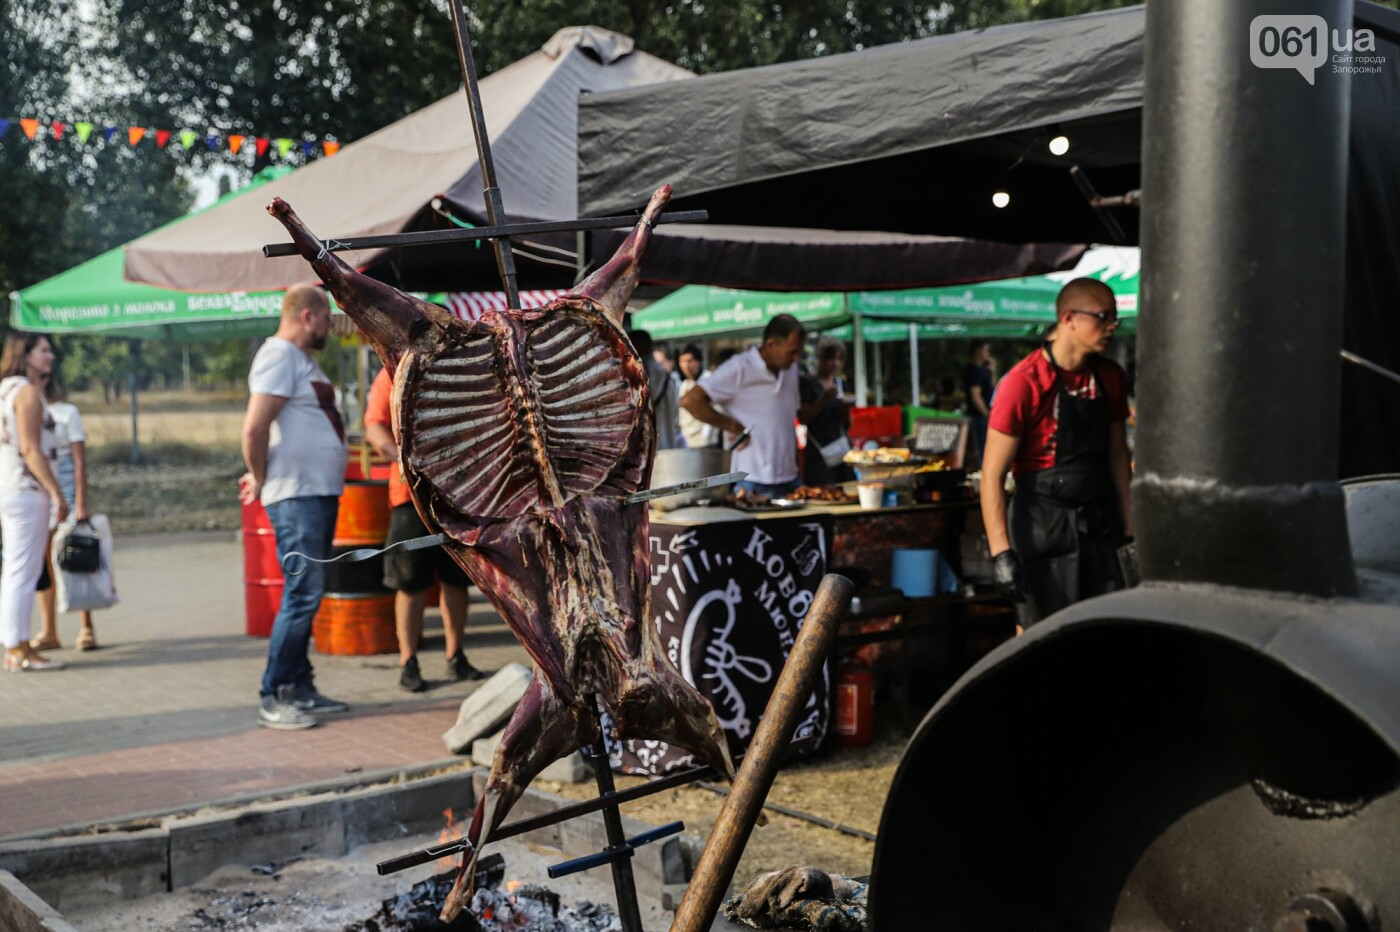 Бограч в хлебных горшочках и мясо из уникальной печи: что нового на фестивале уличной еды в Запорожье, - ФОТОРЕПОРТАЖ, фото-24